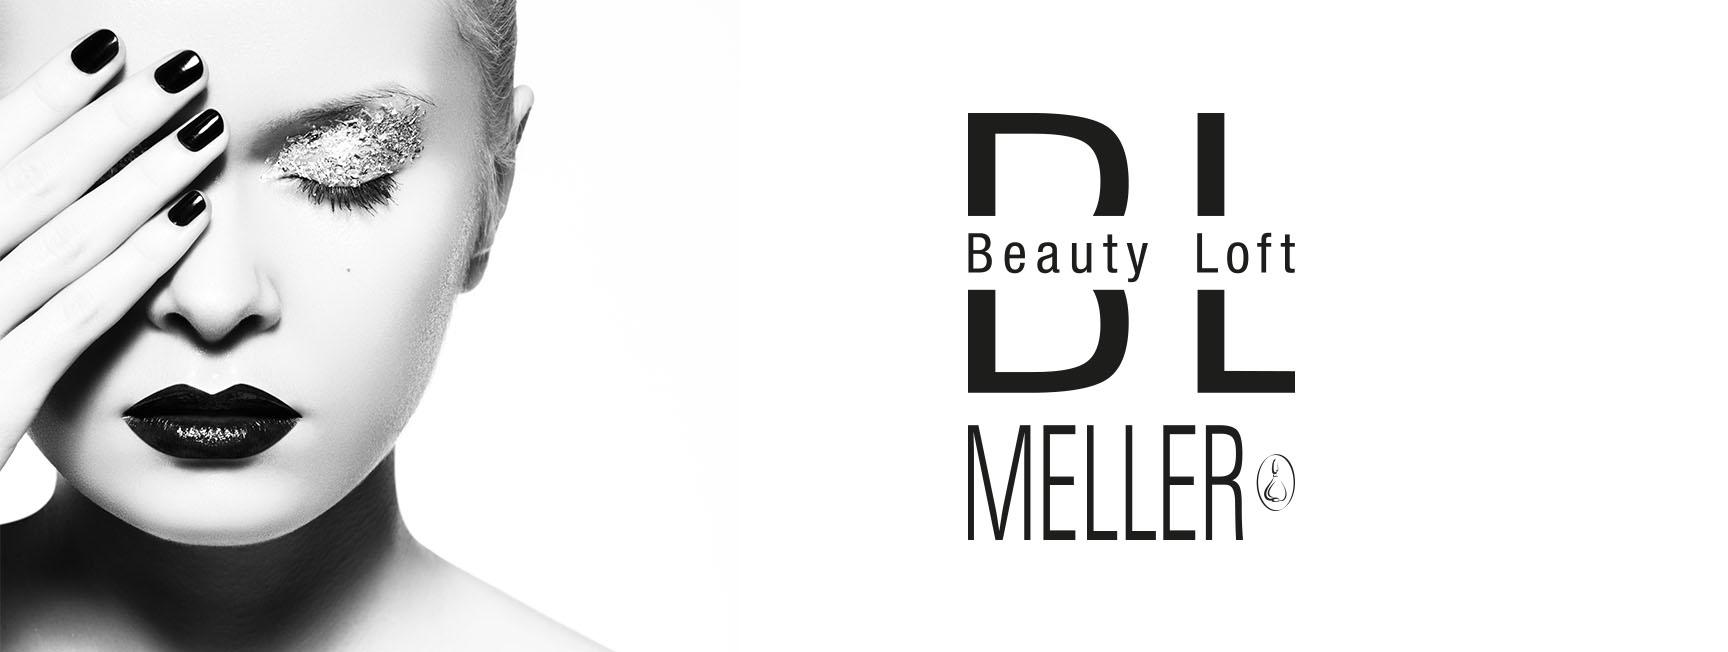 parfuemerie-meller-titelbild-beauty-loft